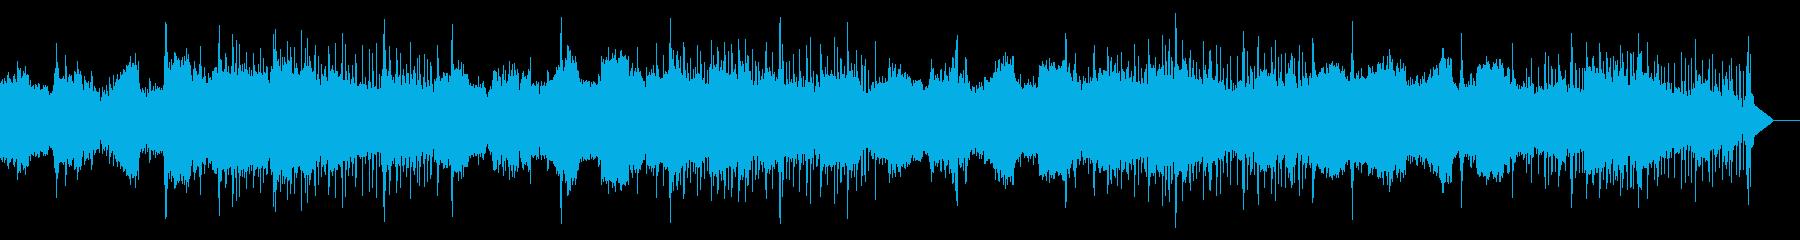 ぎりぎりとしたアンビエントテクスチャの再生済みの波形